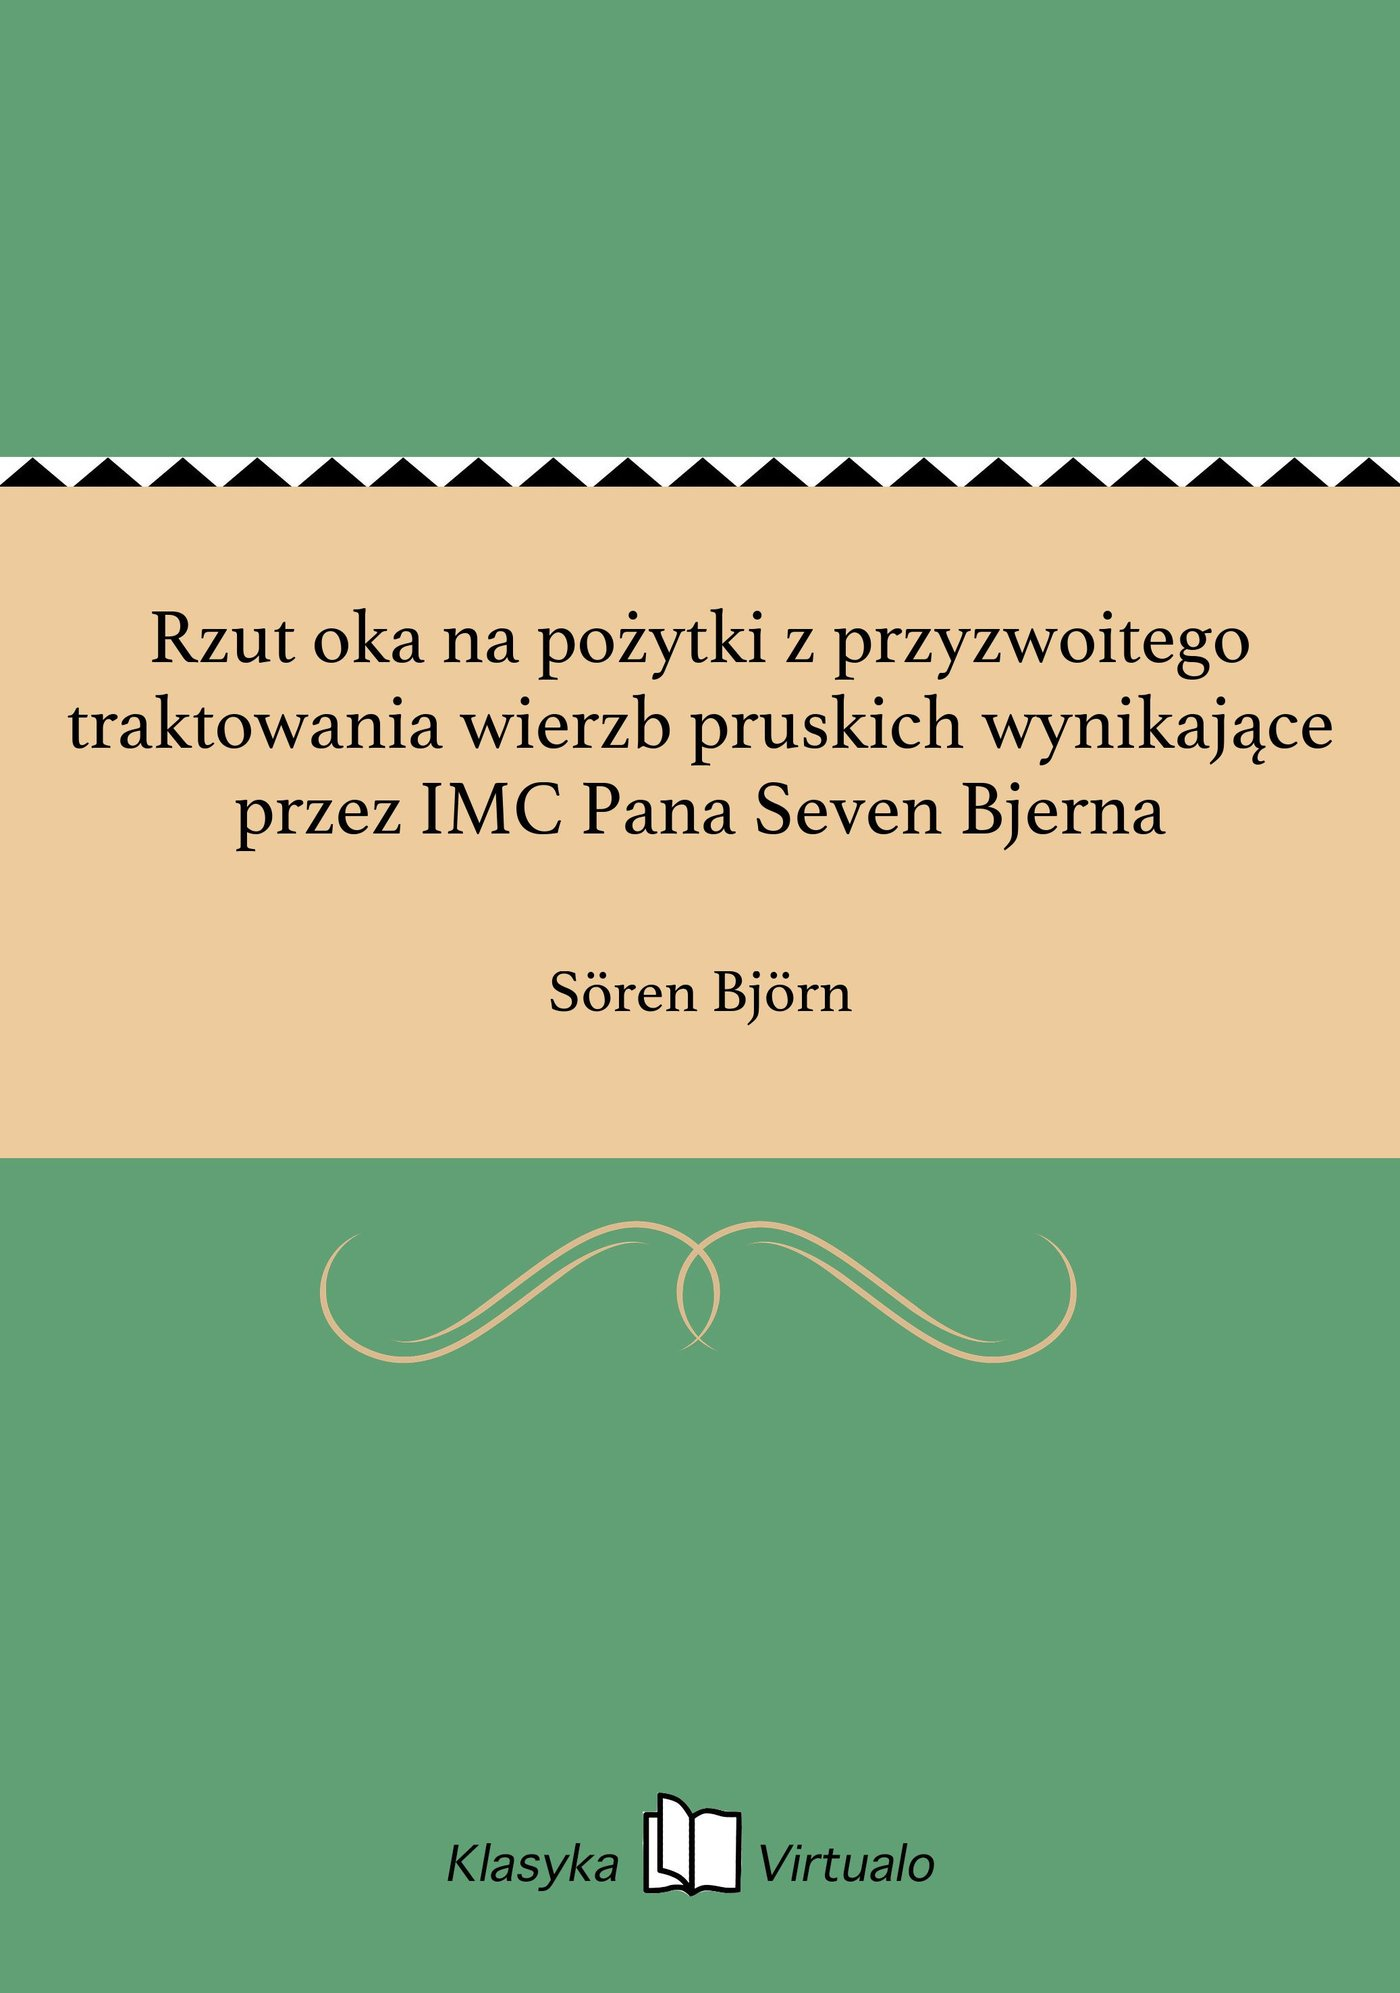 Rzut oka na pożytki z przyzwoitego traktowania wierzb pruskich wynikające przez IMC Pana Seven Bjerna - Ebook (Książka EPUB) do pobrania w formacie EPUB